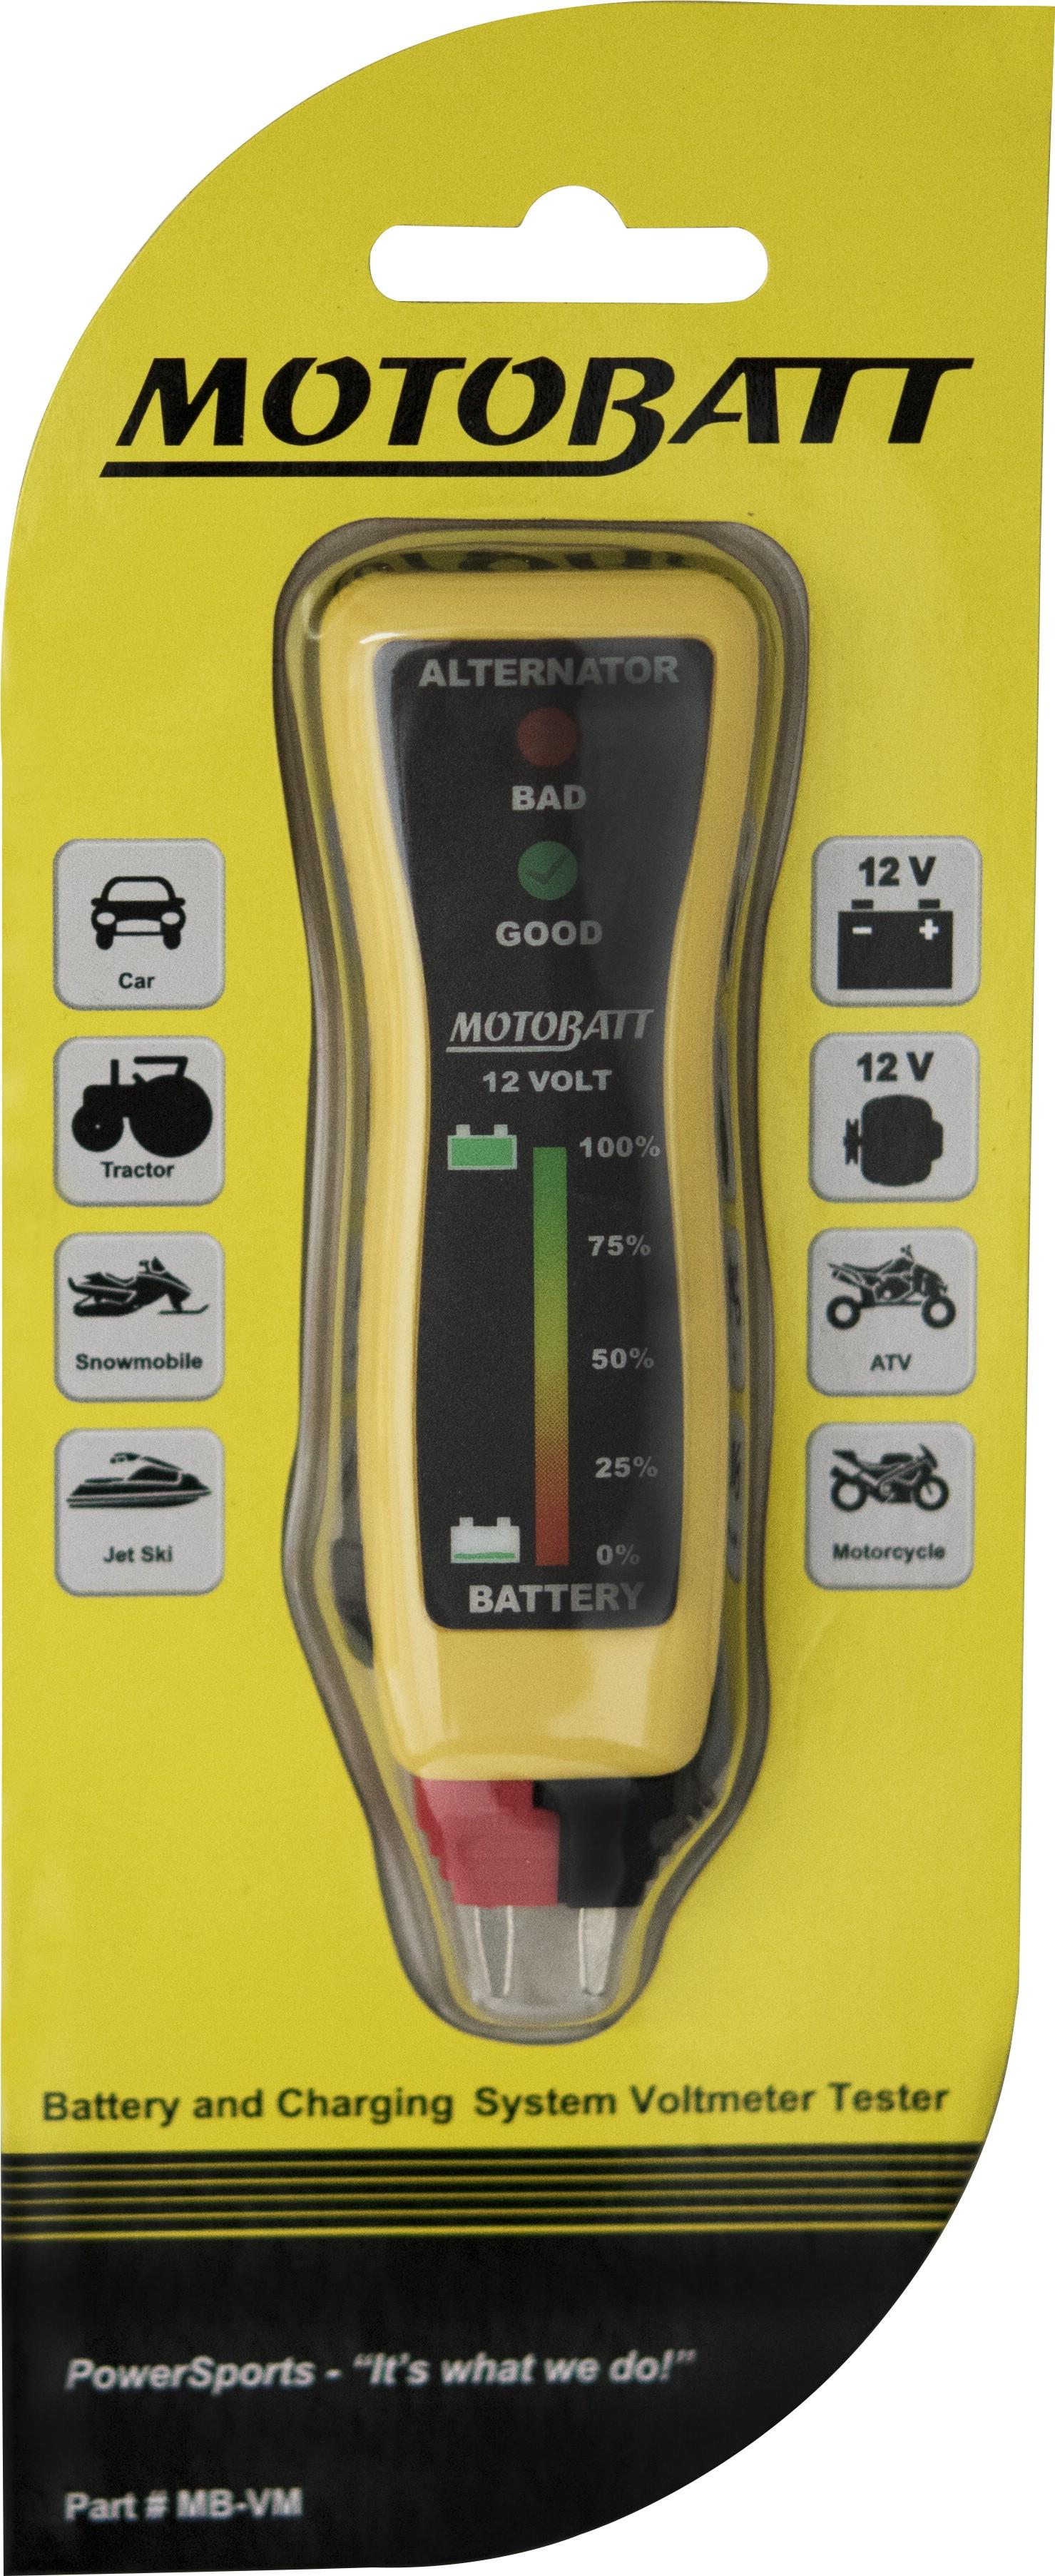 motobatt pocket voltmeter 12v battery remote testing via. Black Bedroom Furniture Sets. Home Design Ideas